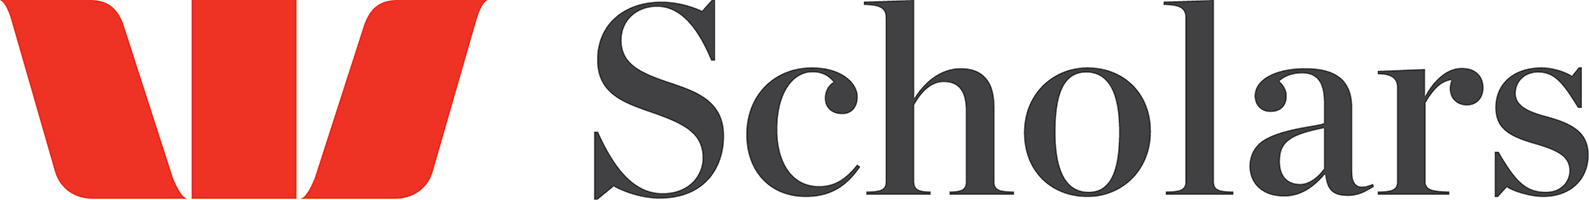 Westpac Scholars logo